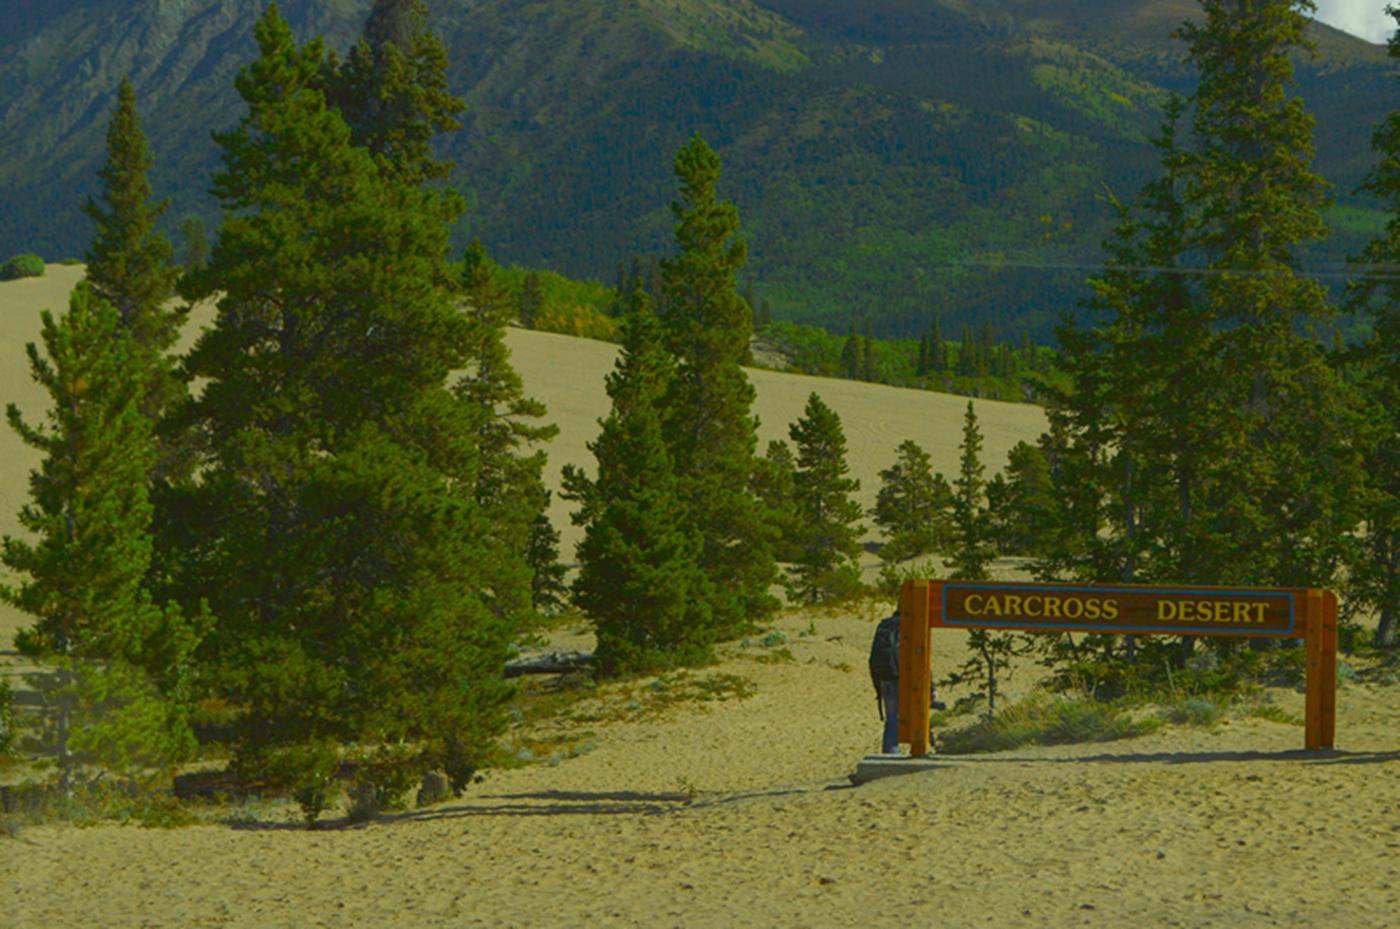 阿拉斯加,那山、那水、那人……_图1-31